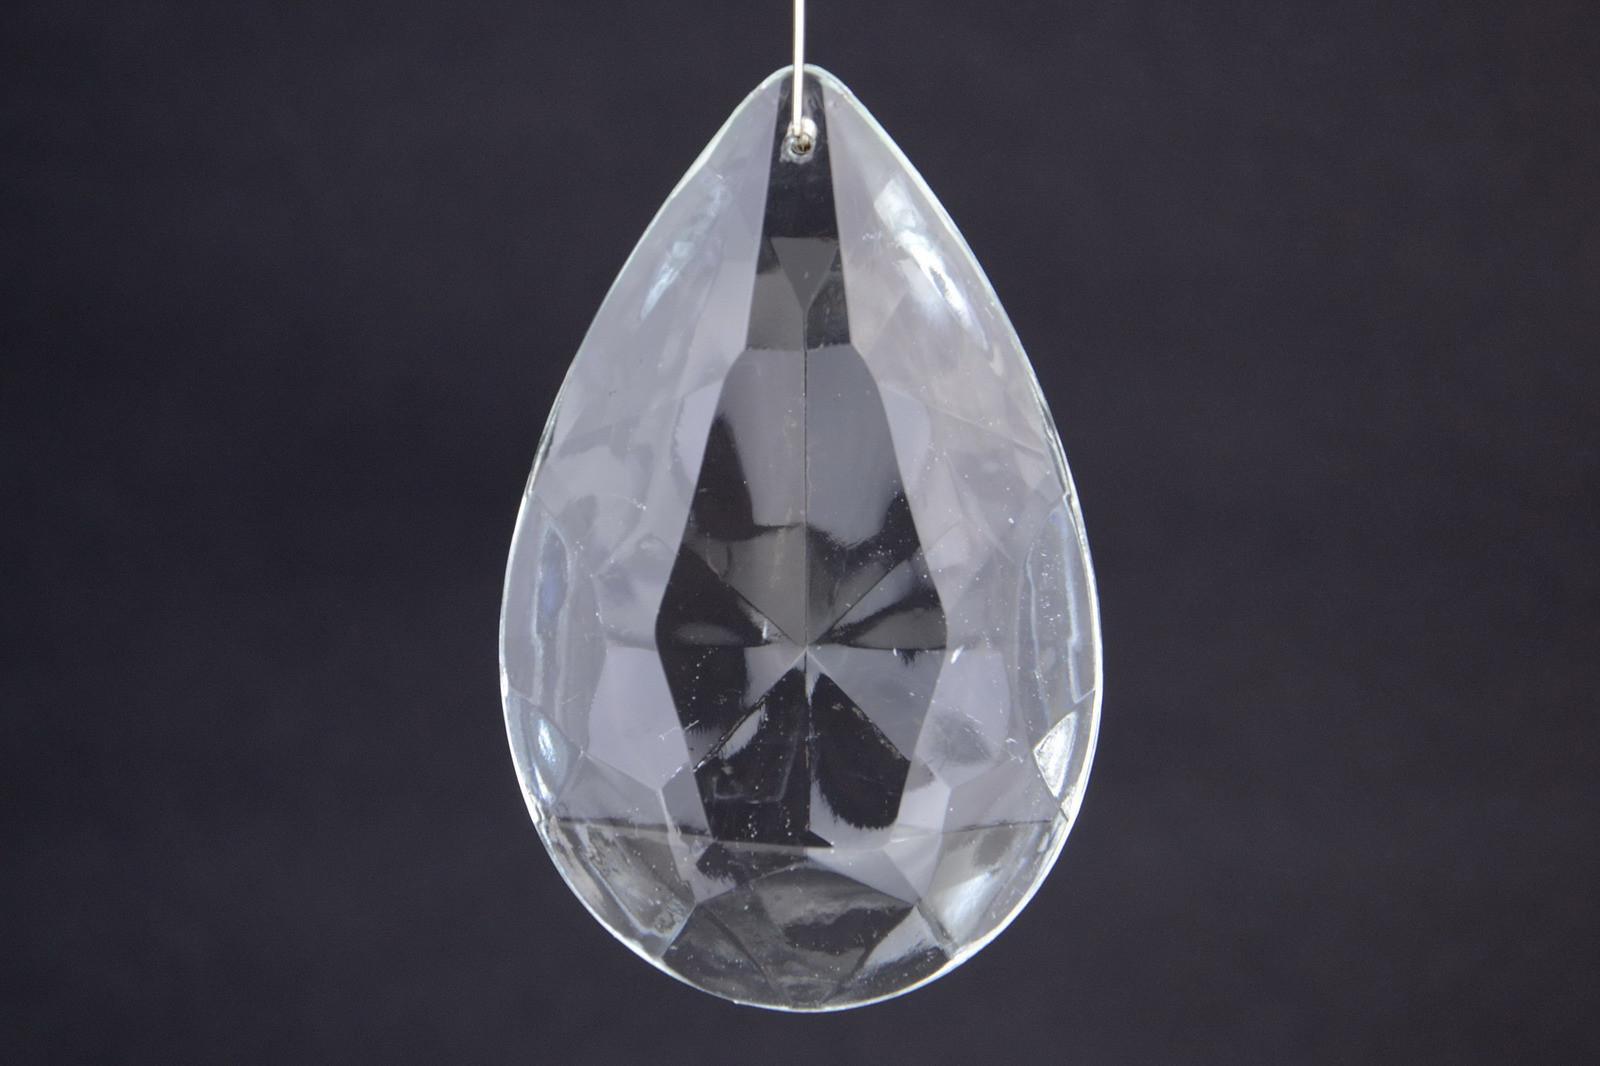 1202-goccia-in-vetro-per-lampadario-2,809.jpg?WebbinsCacheCounter=1